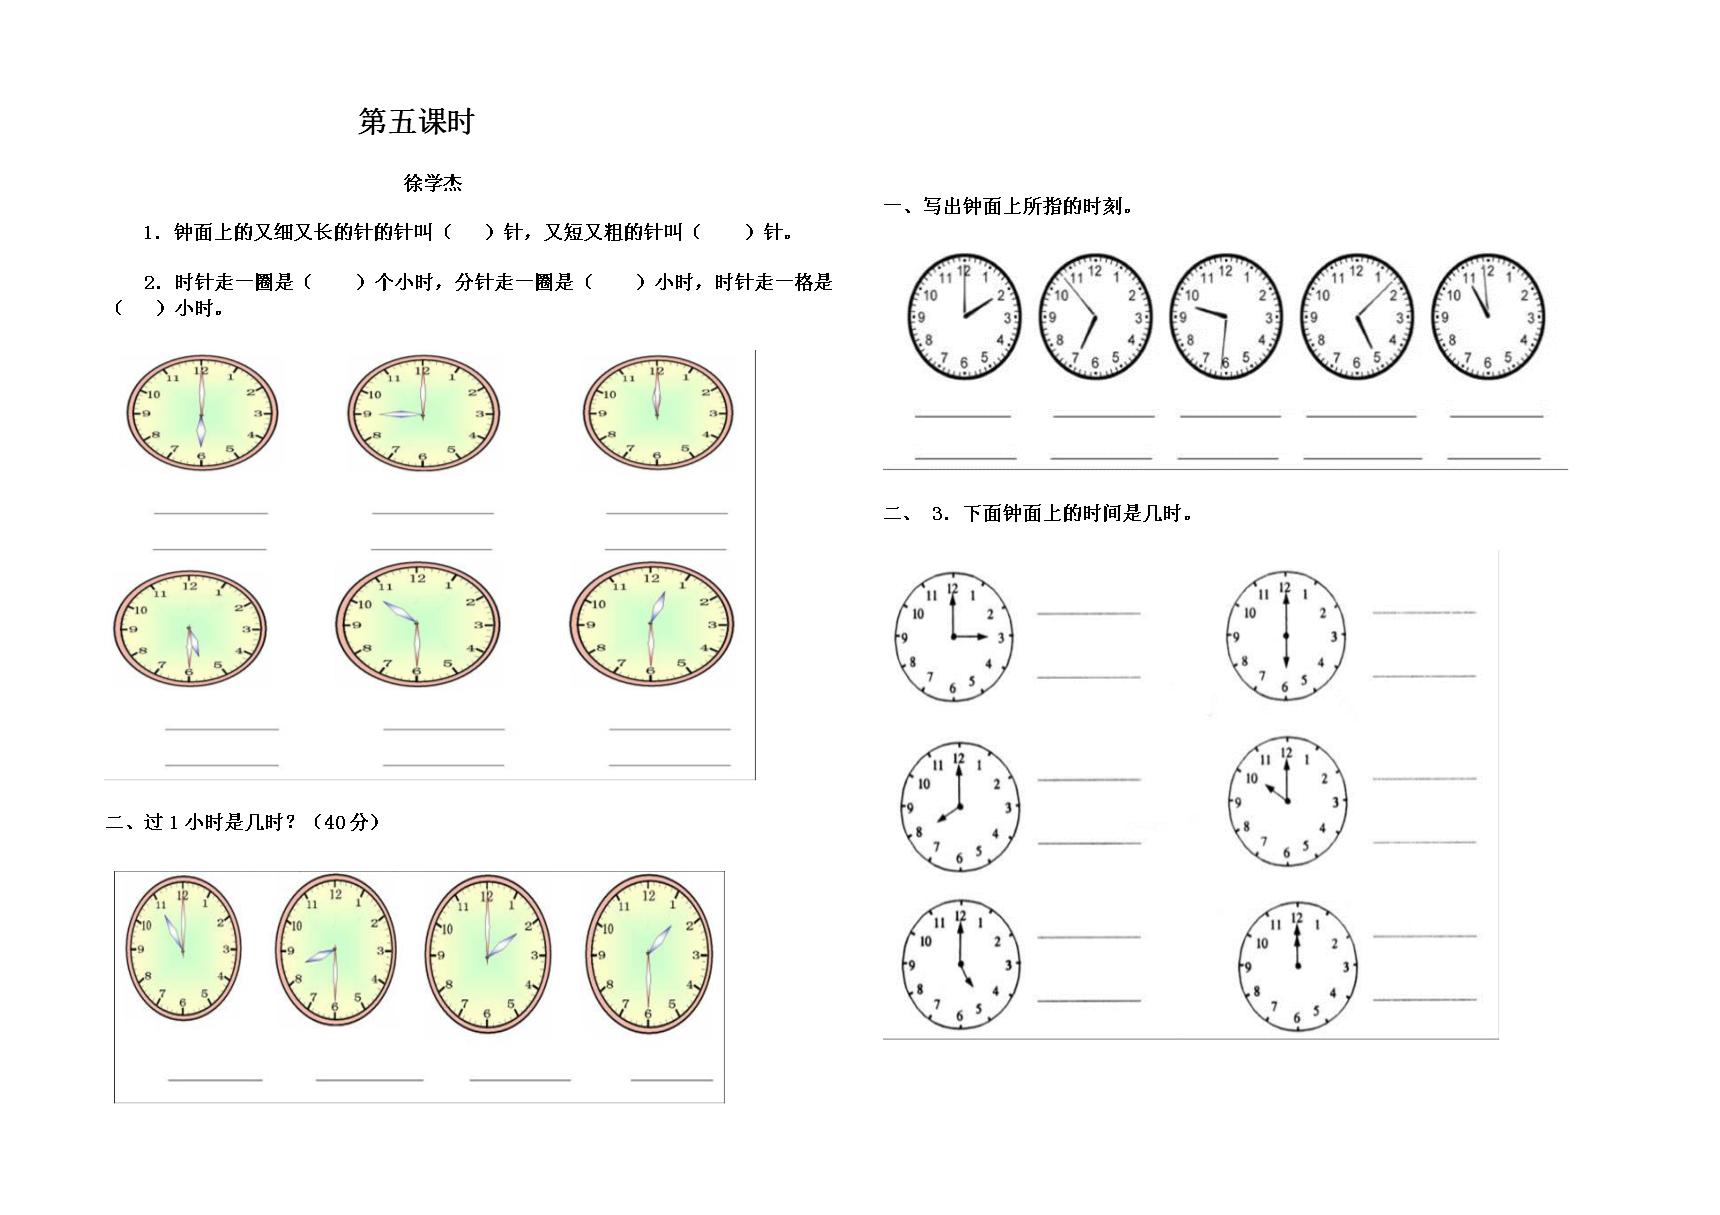 《小学一年级数学认识钟表练习题.doc》